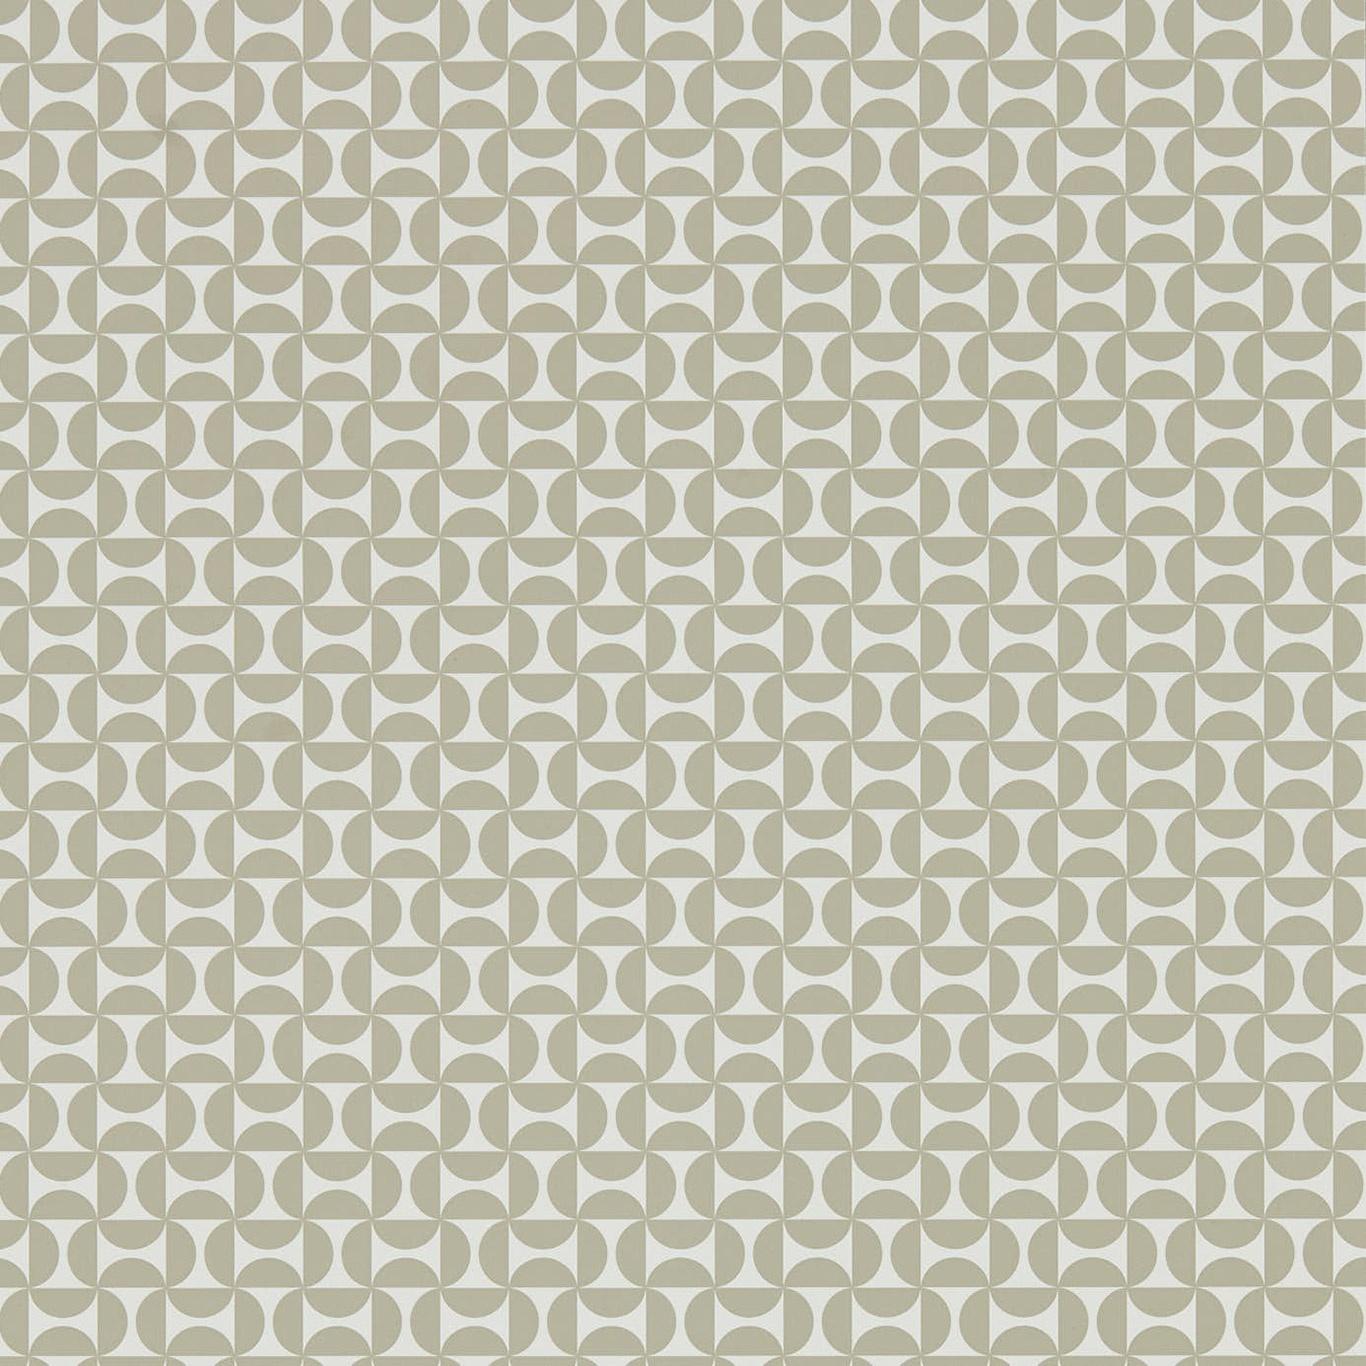 Image of Scion Forma Pebble Wallpaper 111808